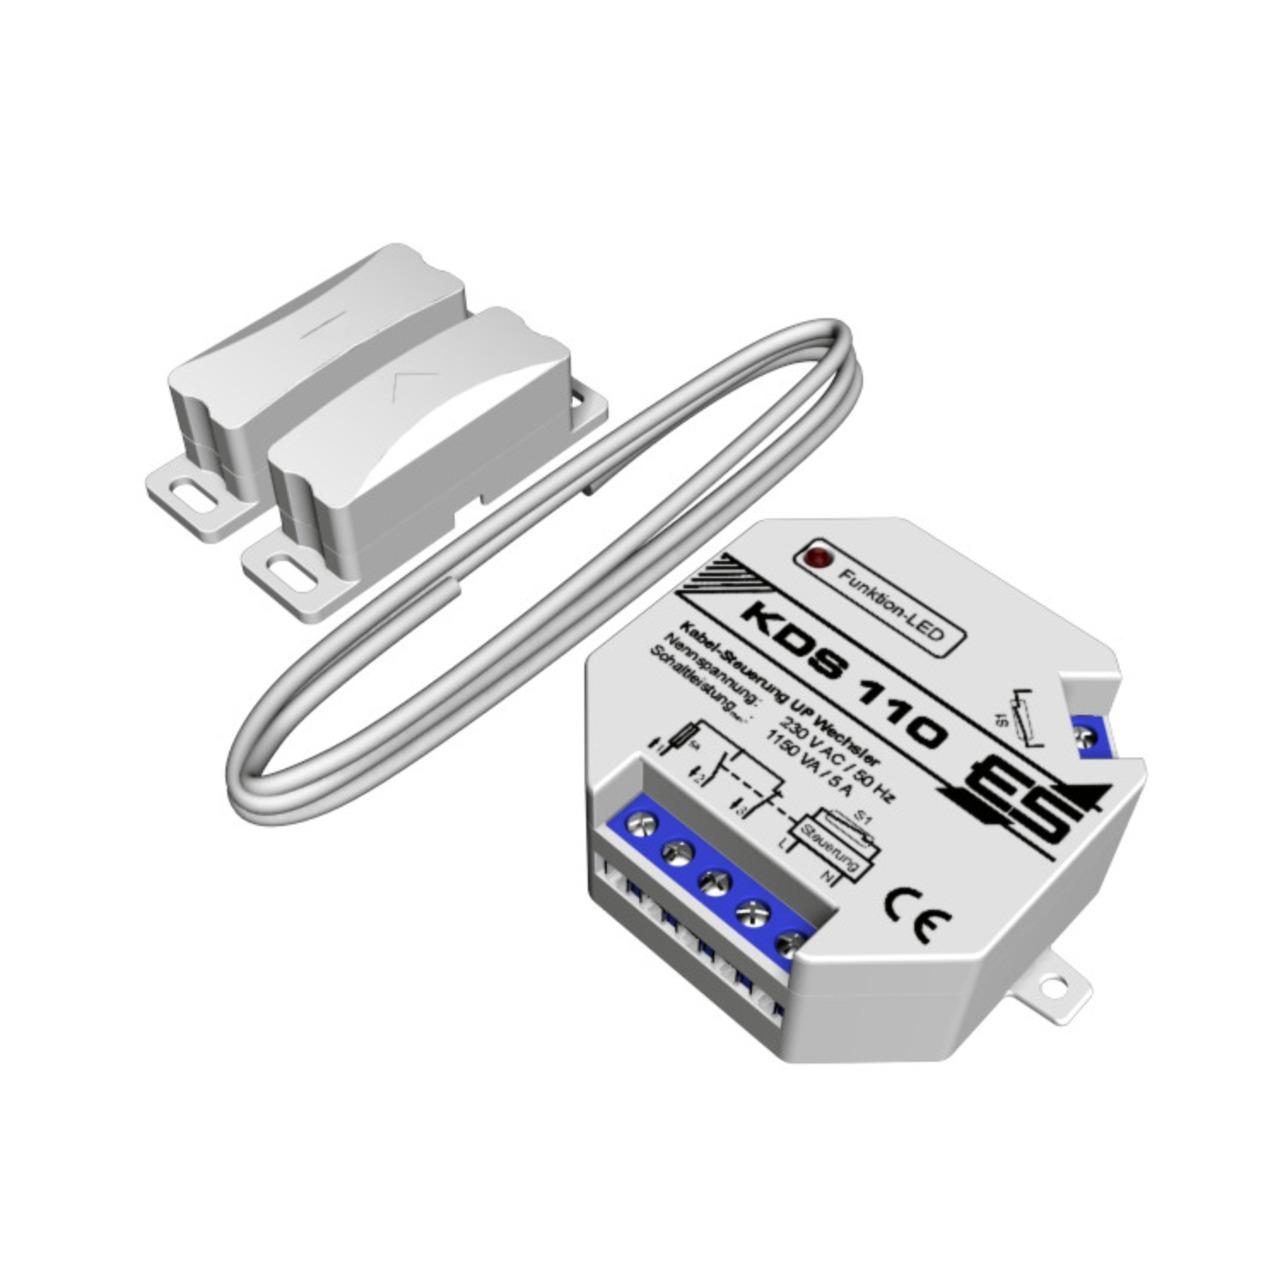 Schabus Kabel-Dunstabzugssteuerung KDS 110 mit 6 m Kabel- Einbauversion